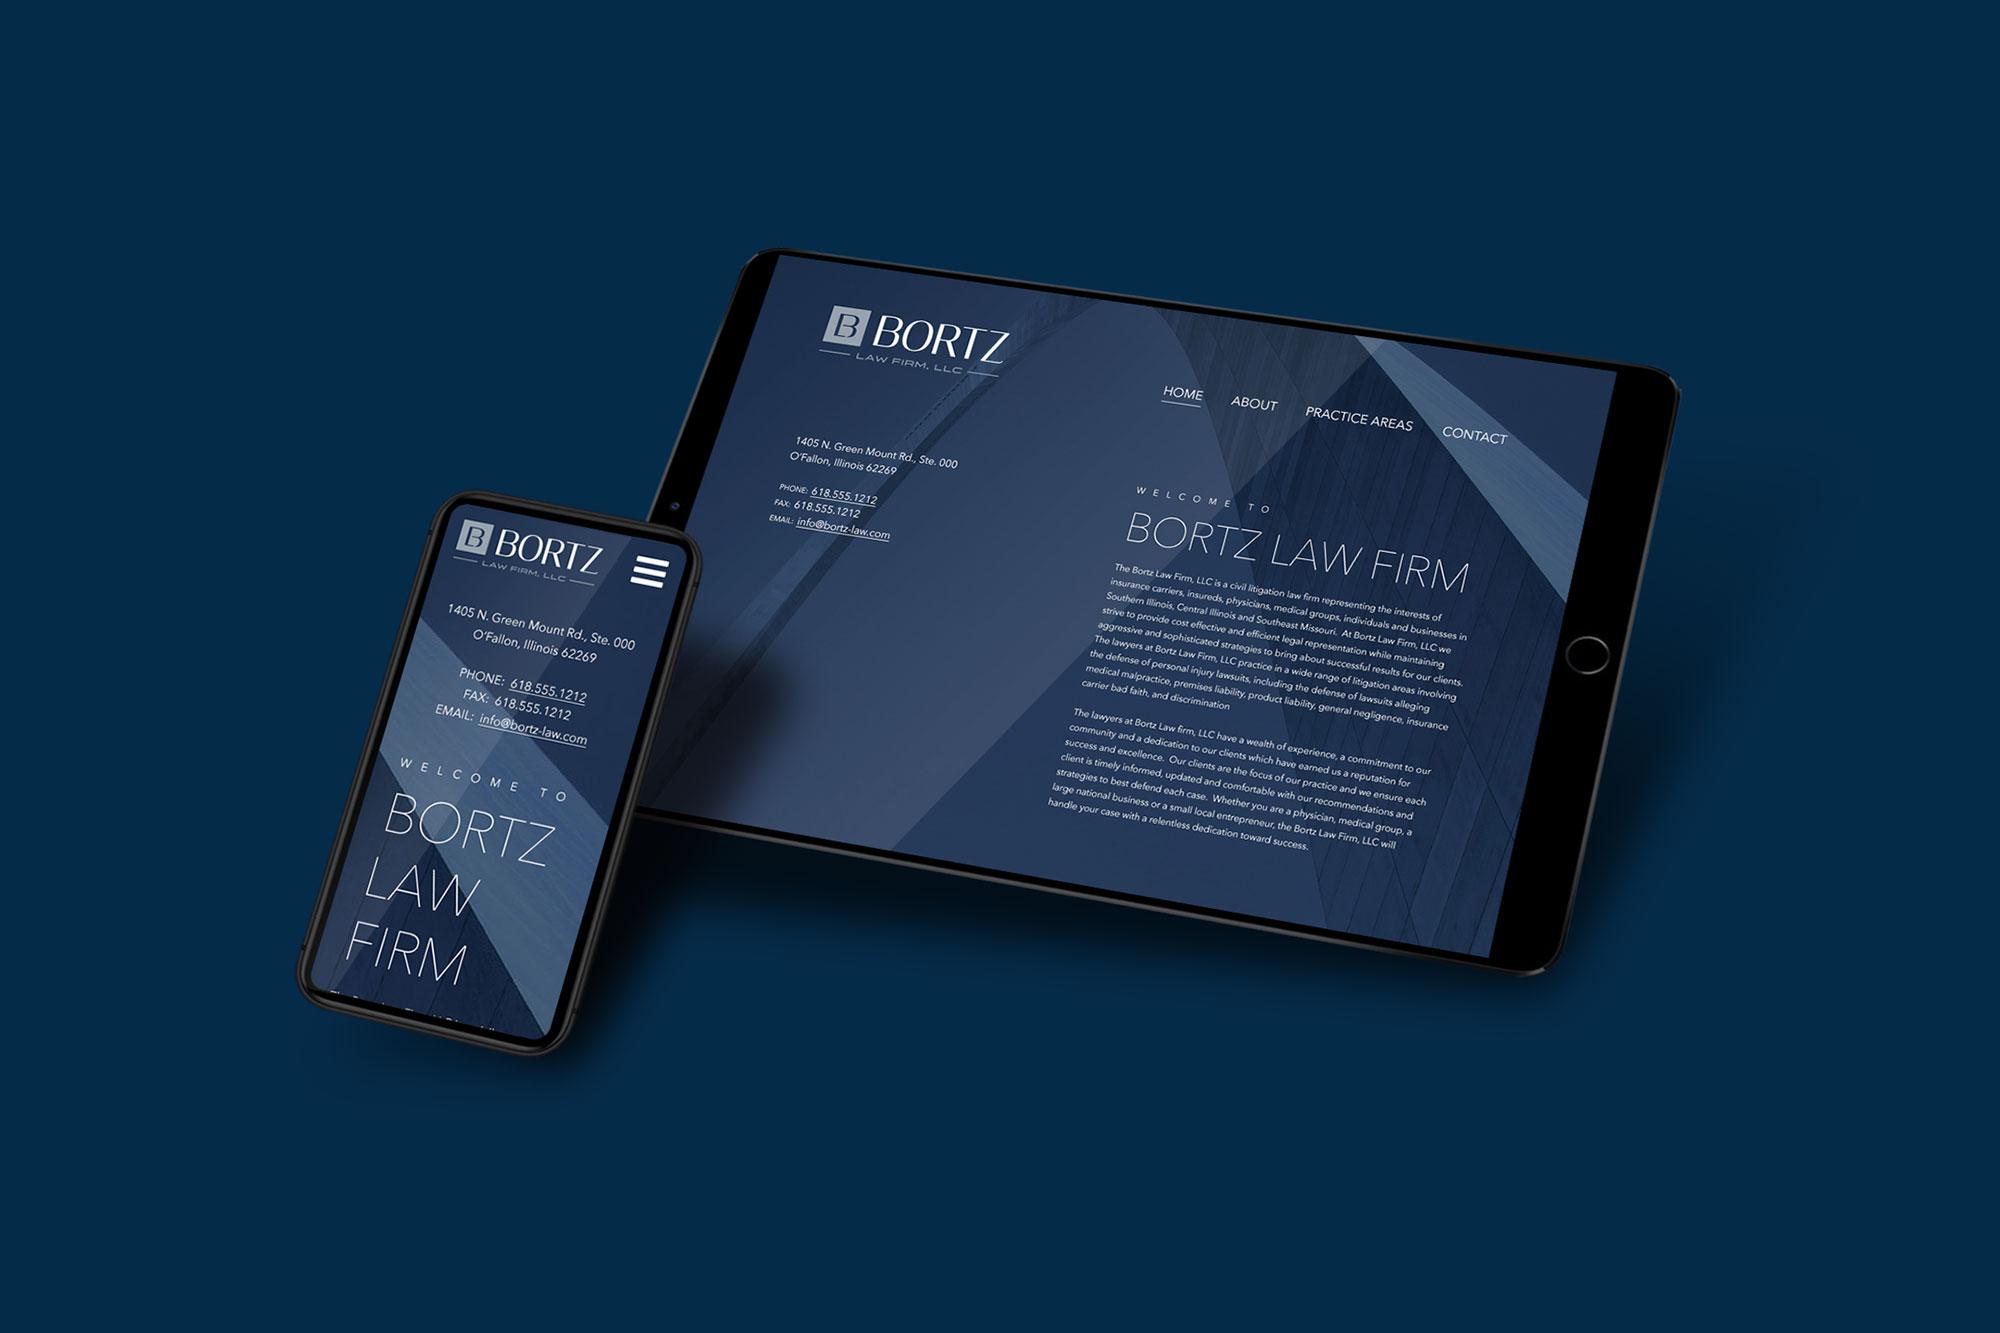 bortz-web-design-2